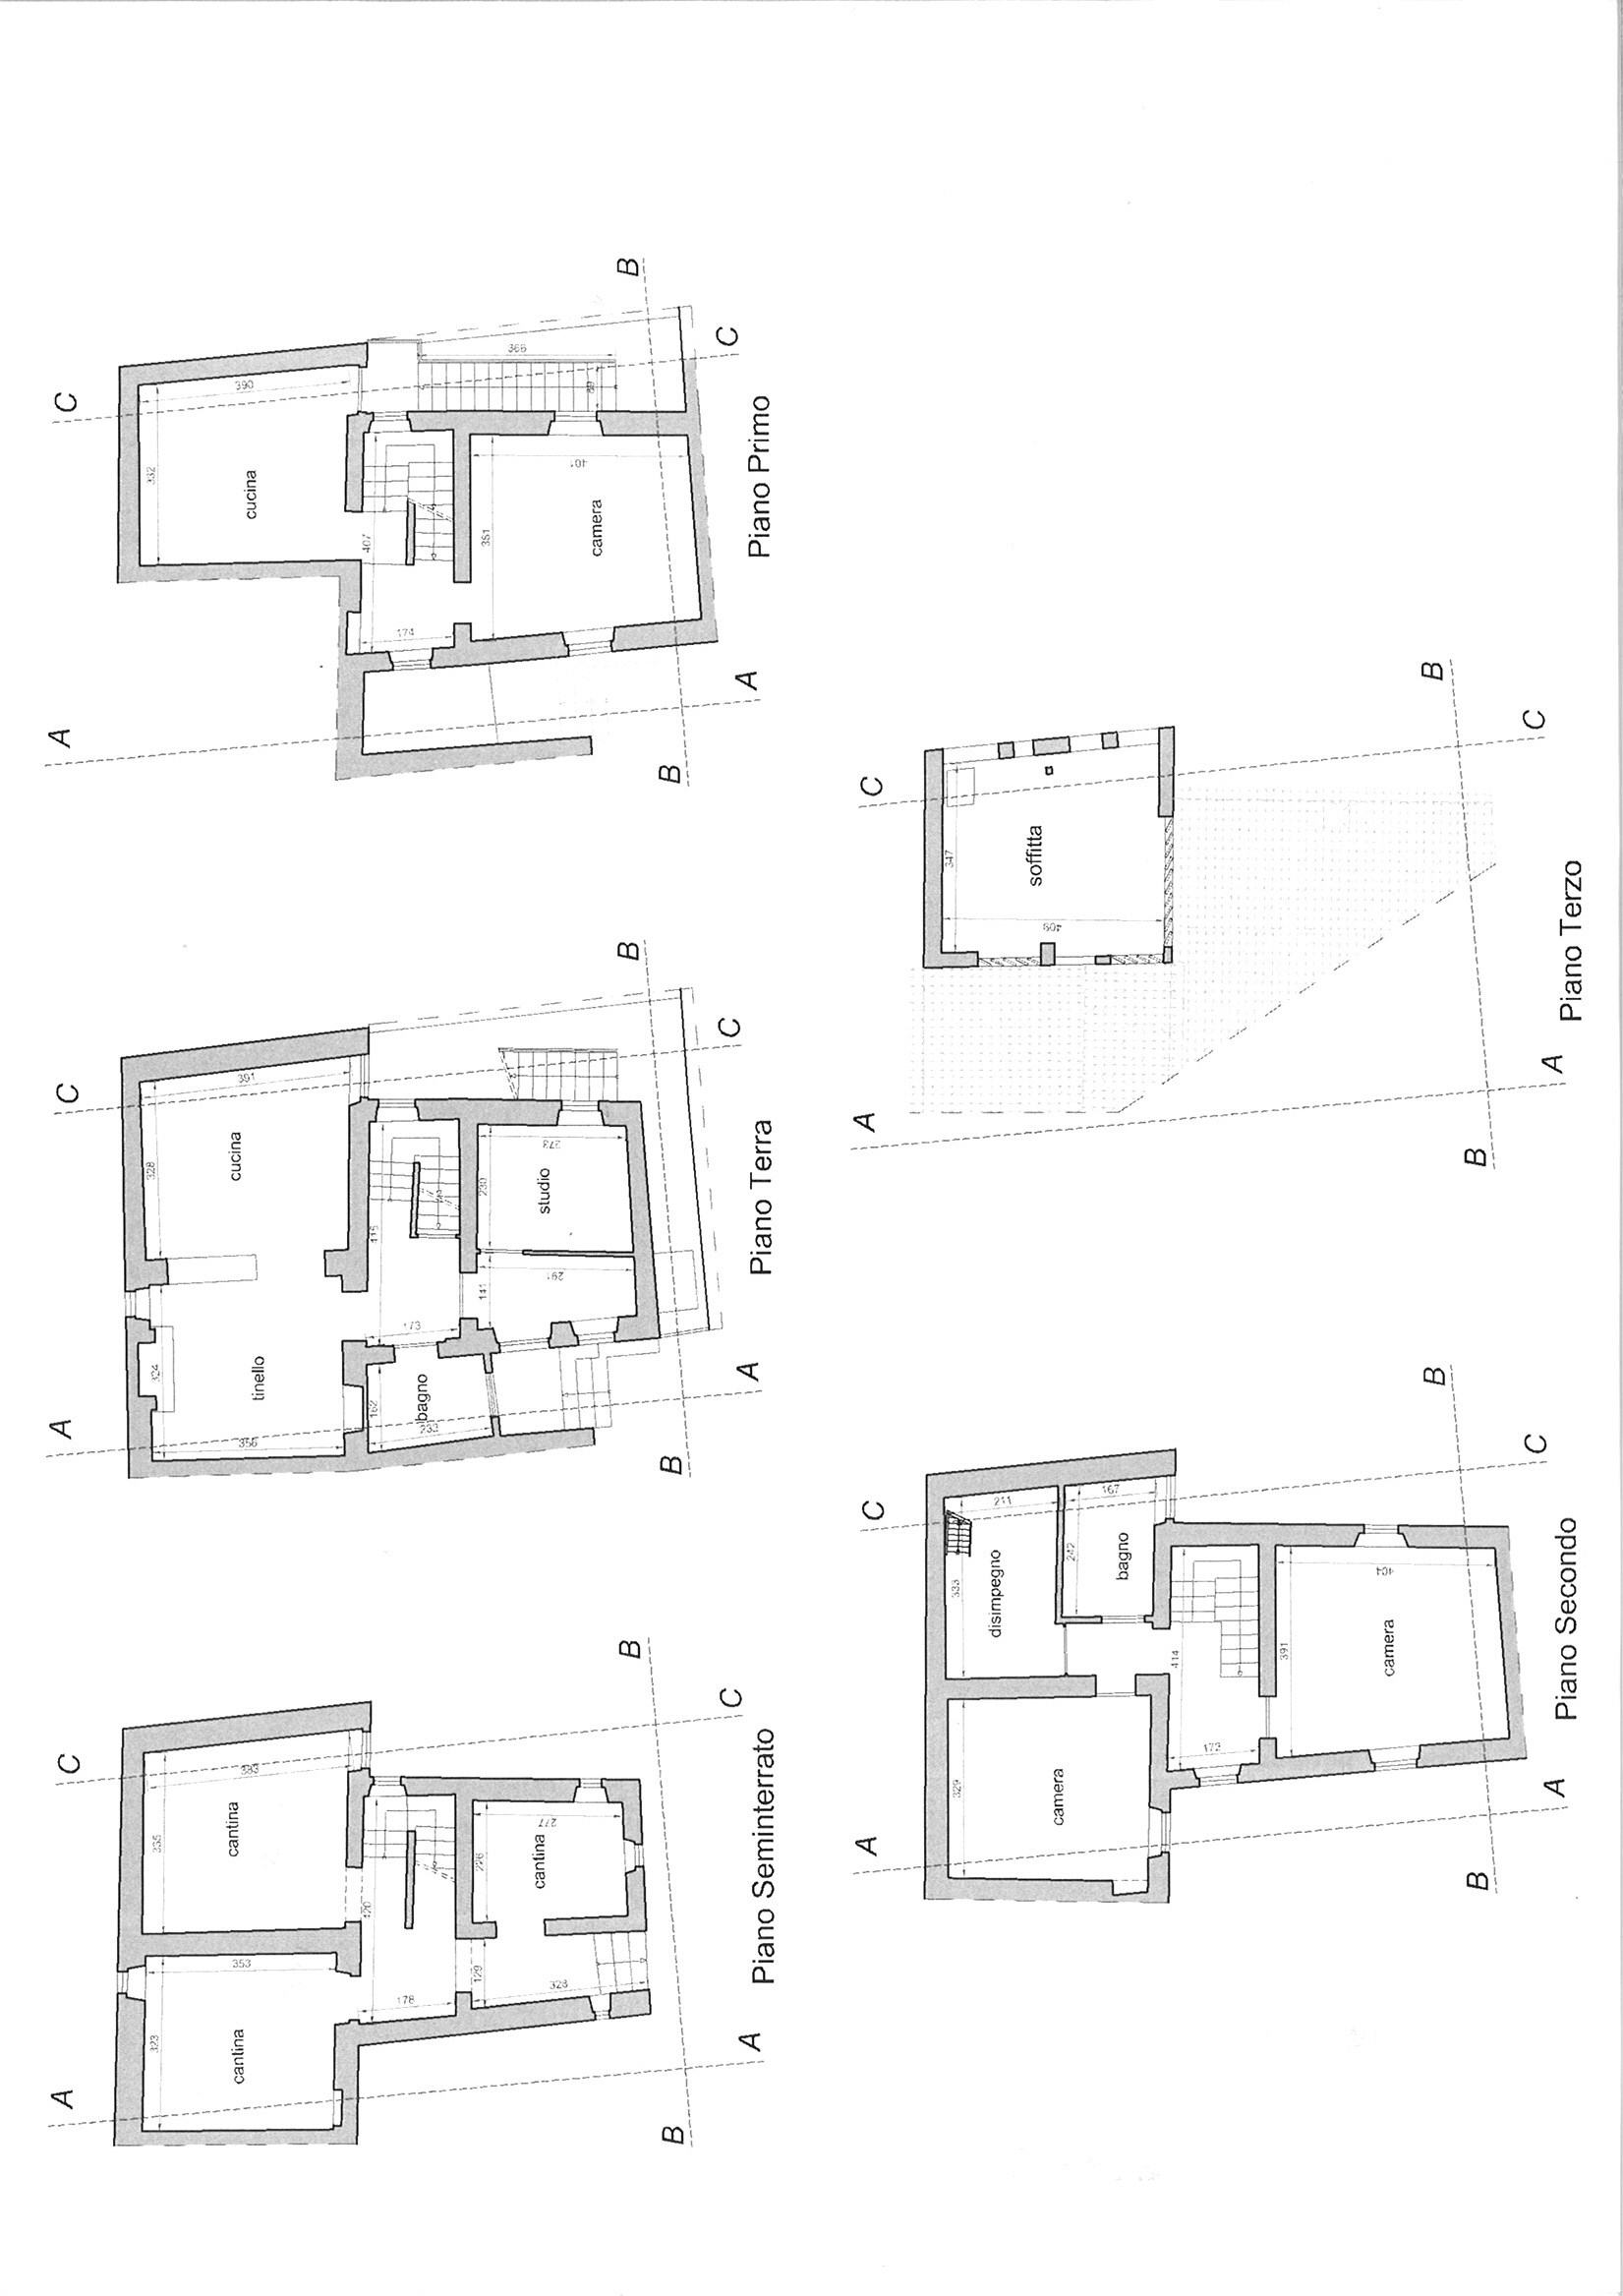 Planimetria 1/1 per rif. trc colle 110m